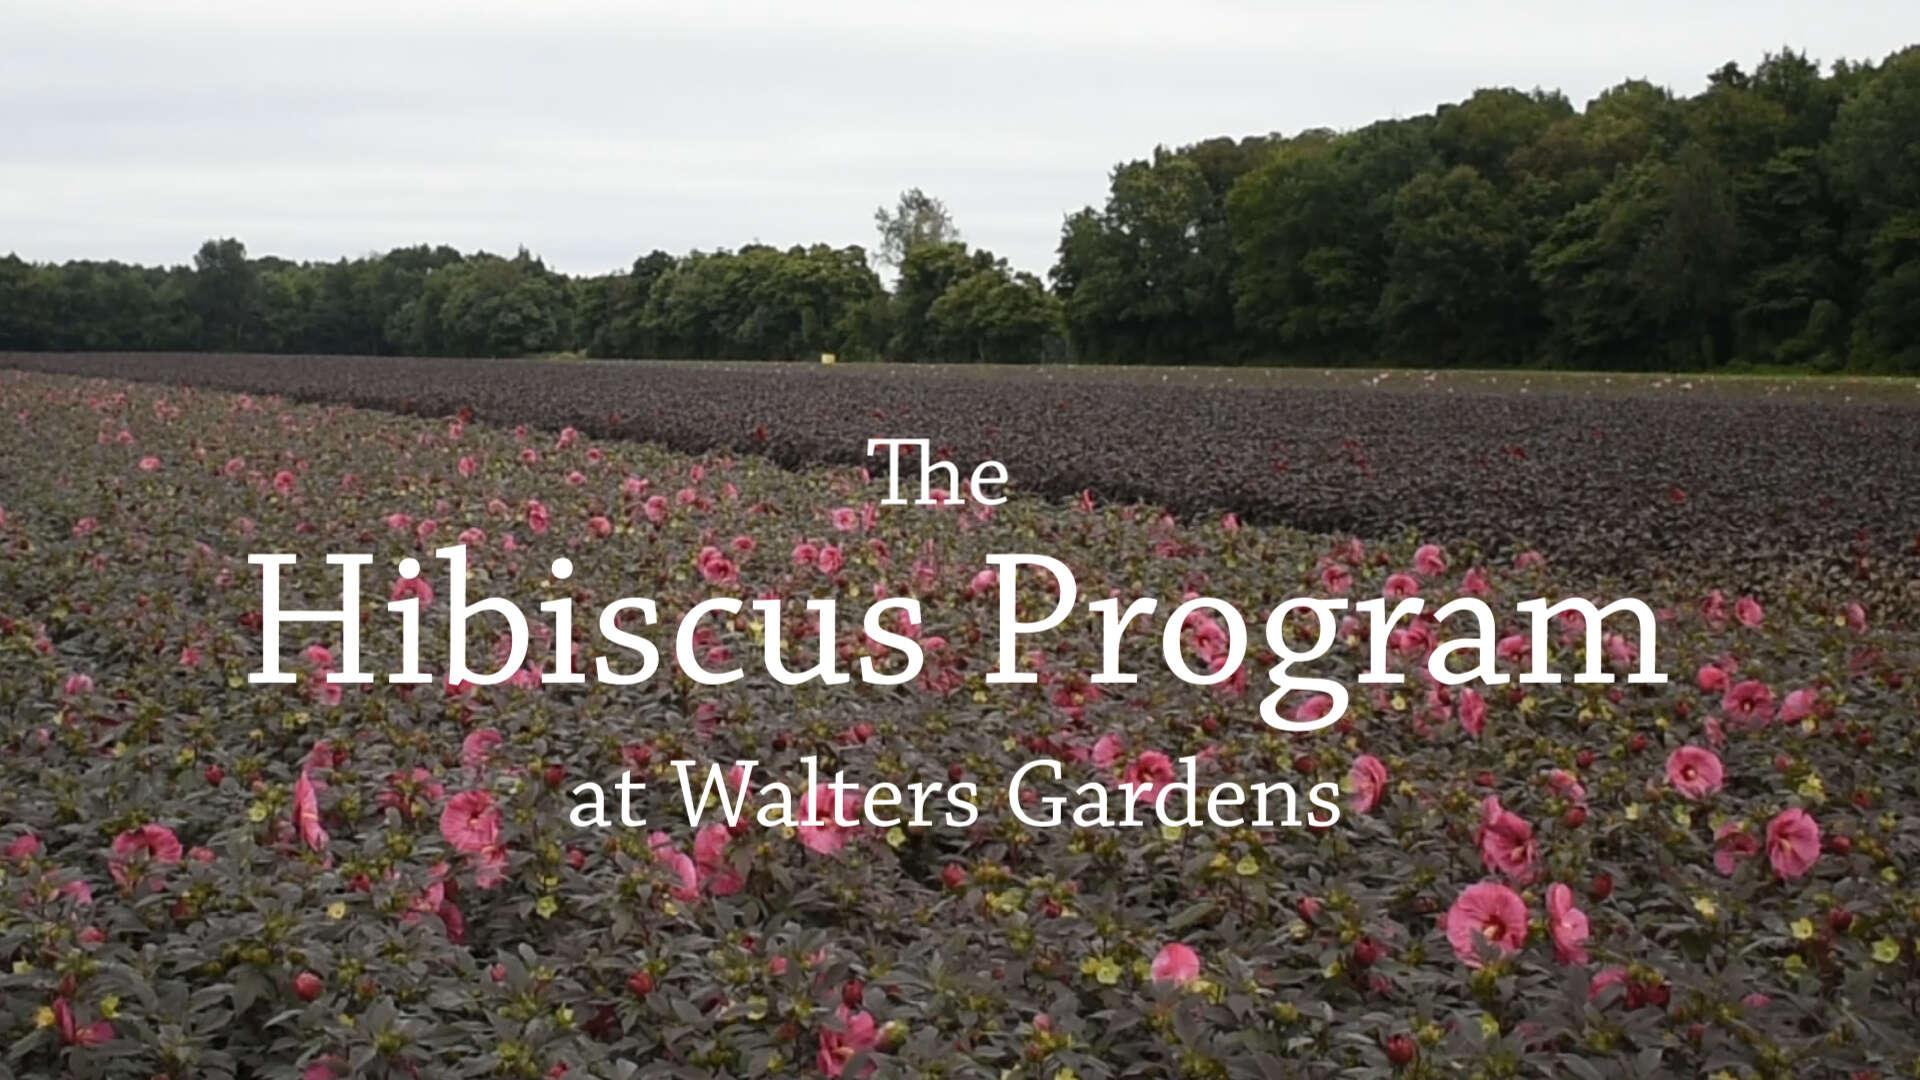 Our Hibiscus Program